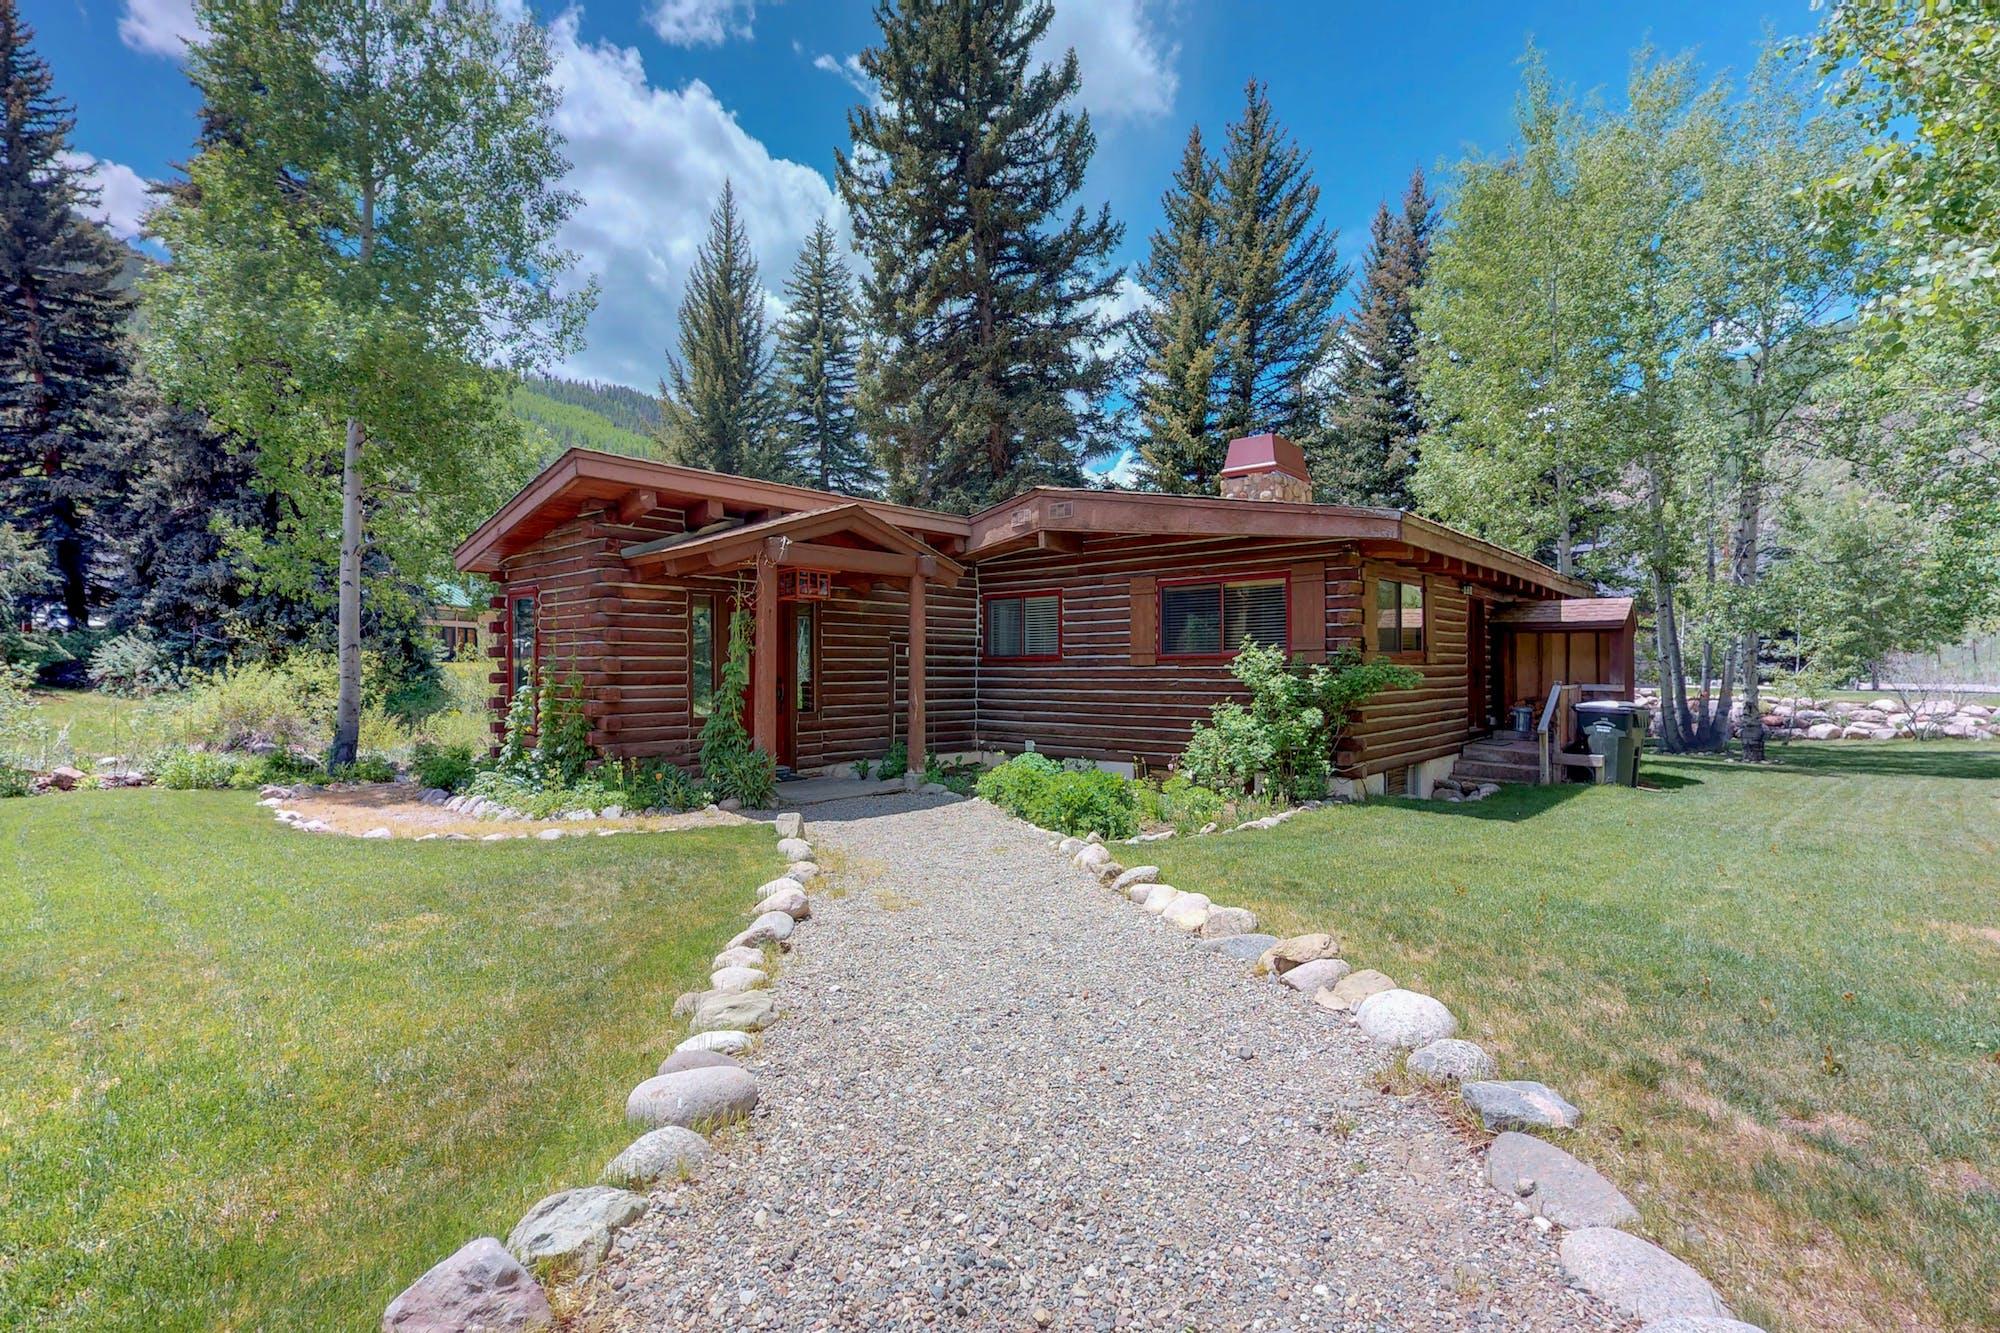 Cozy Creek Cabin located in Vail, Colorado